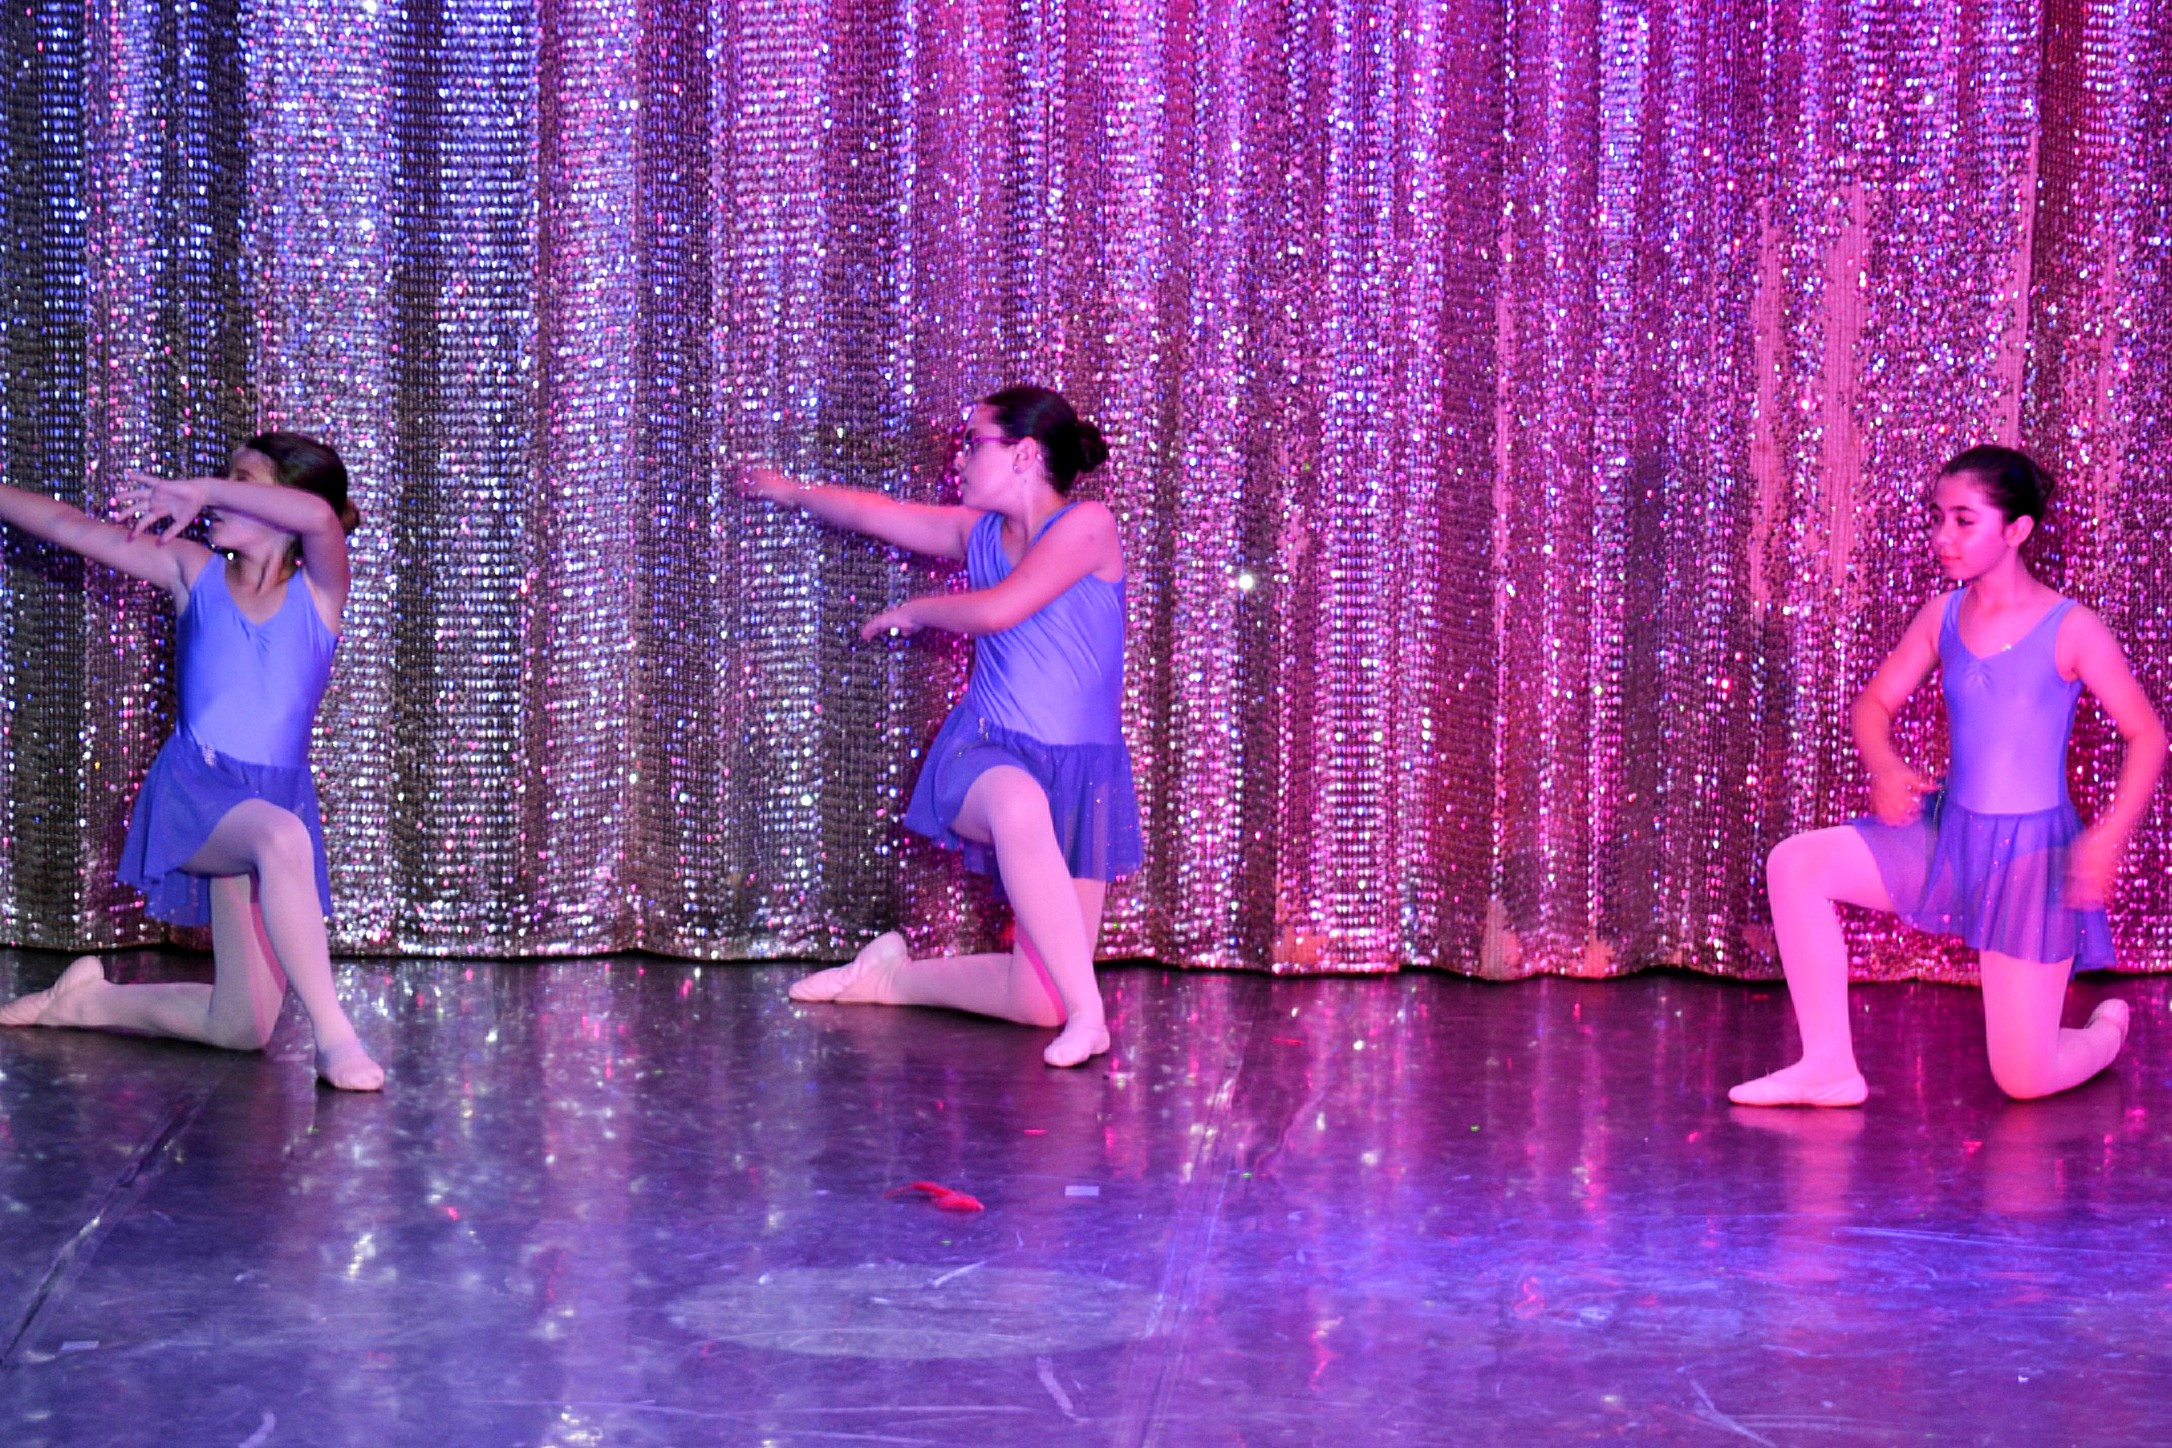 Linea-de-Baile-festival-verano-2015-clases-de-baile-valencia-49